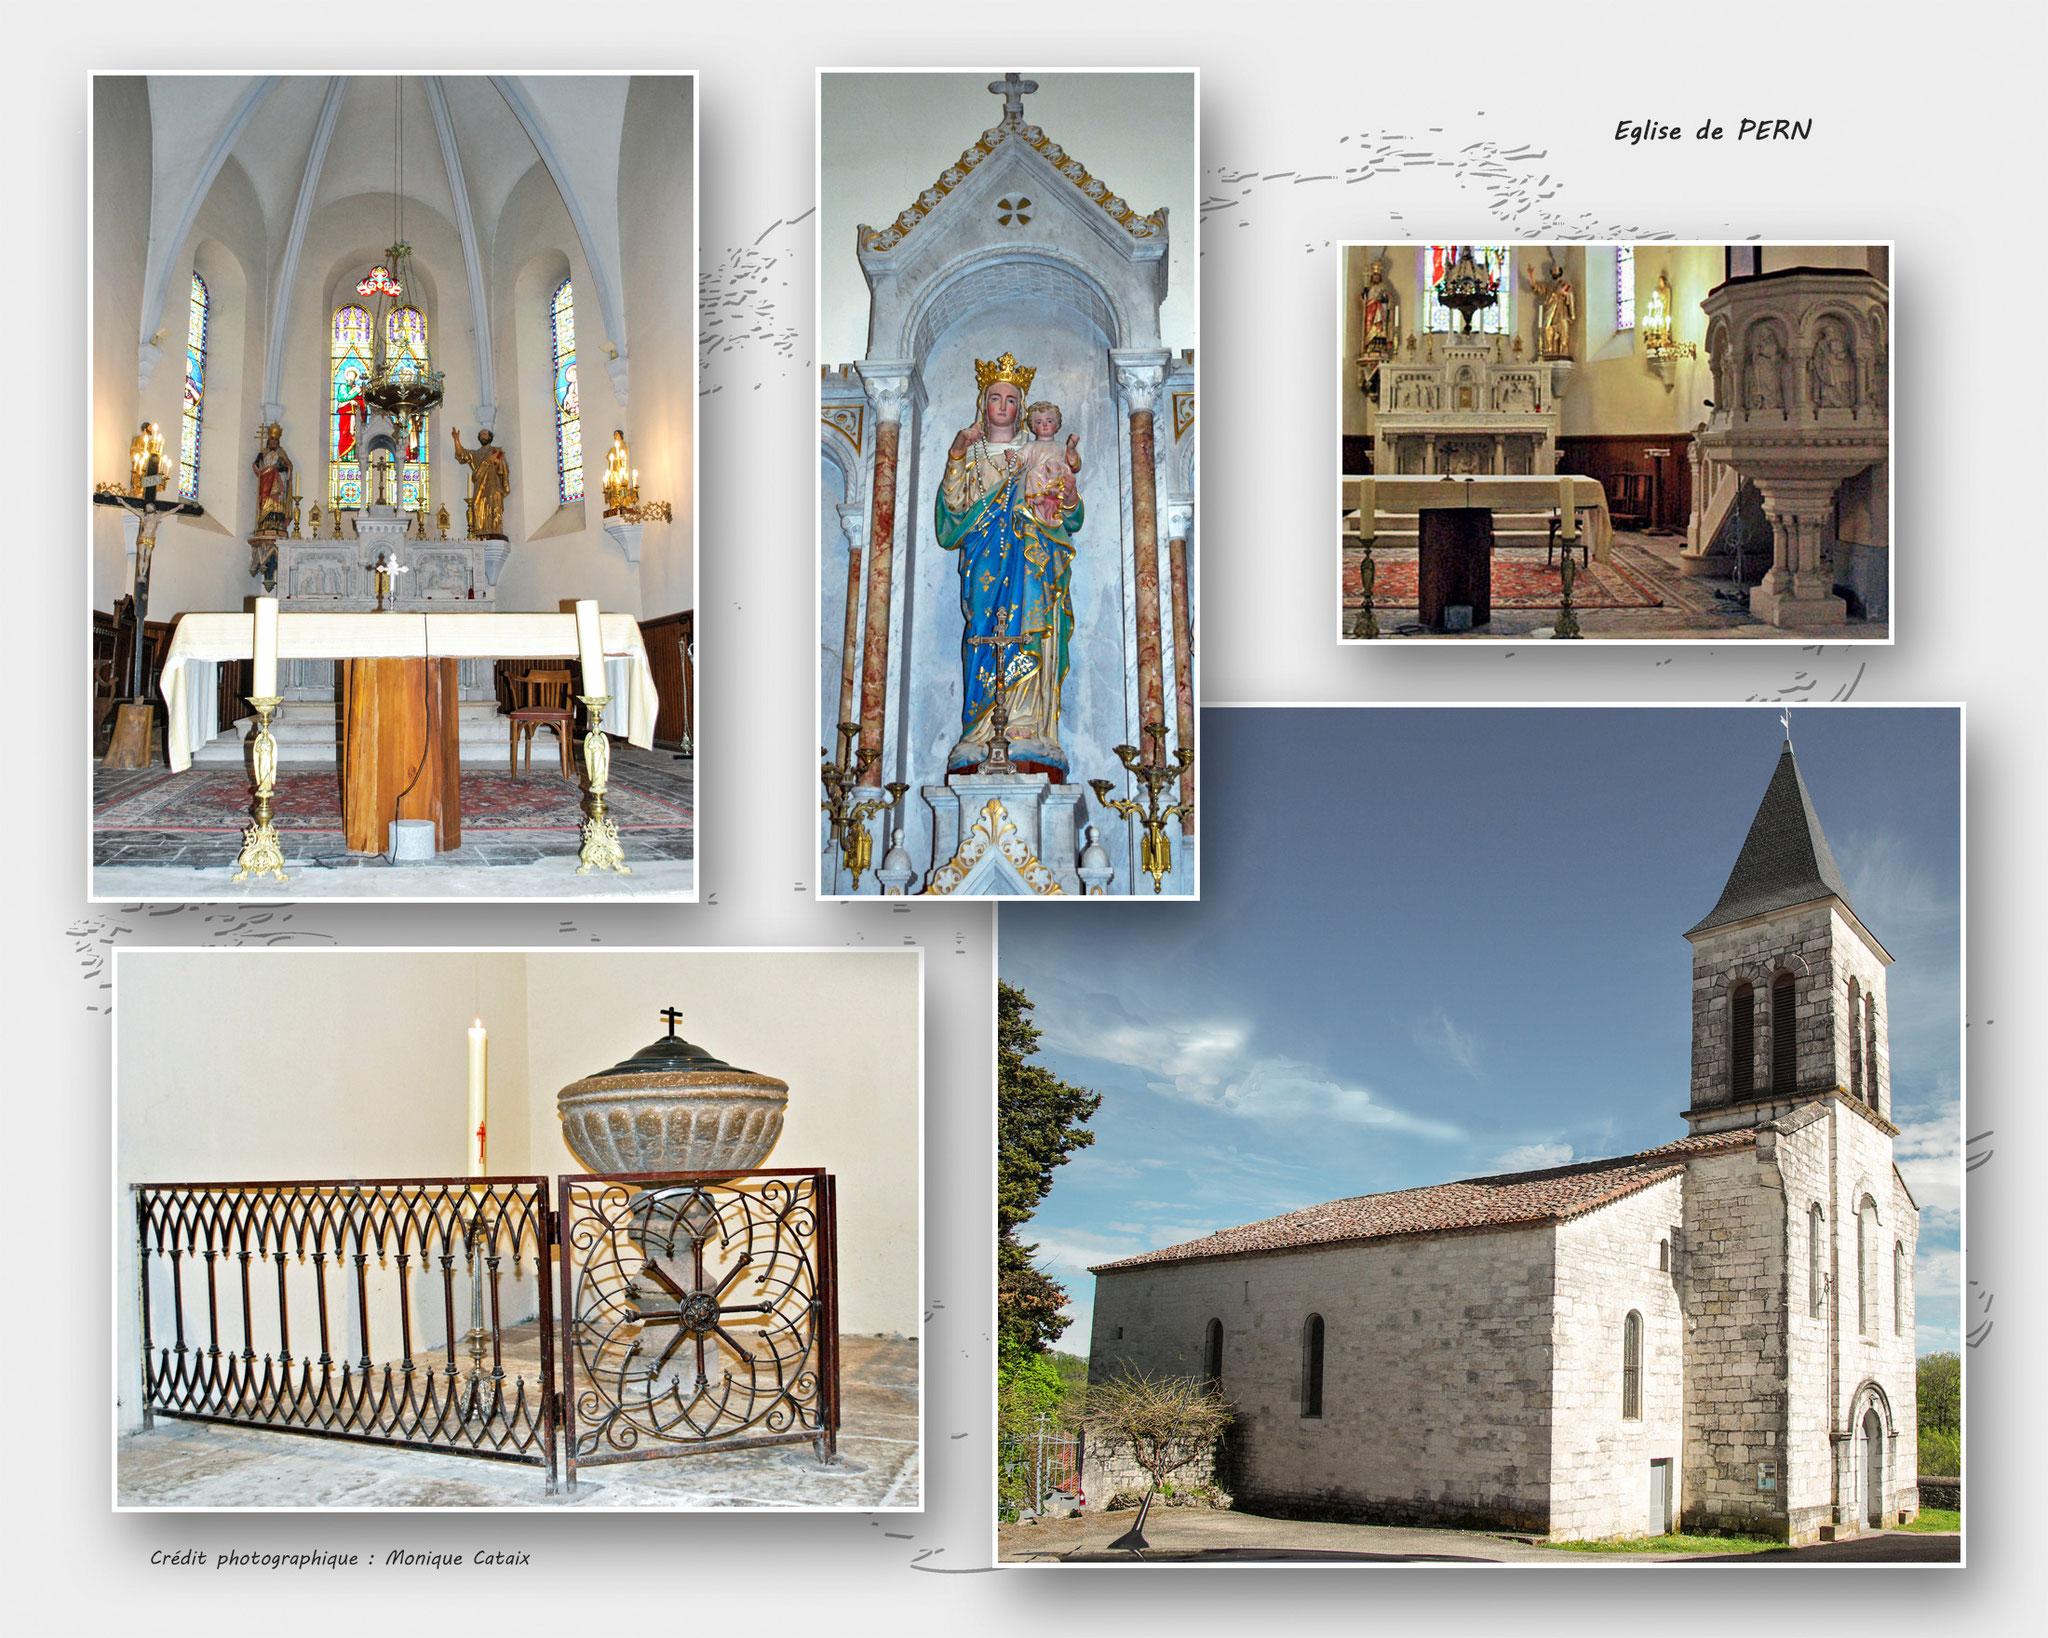 Eglise de Pern